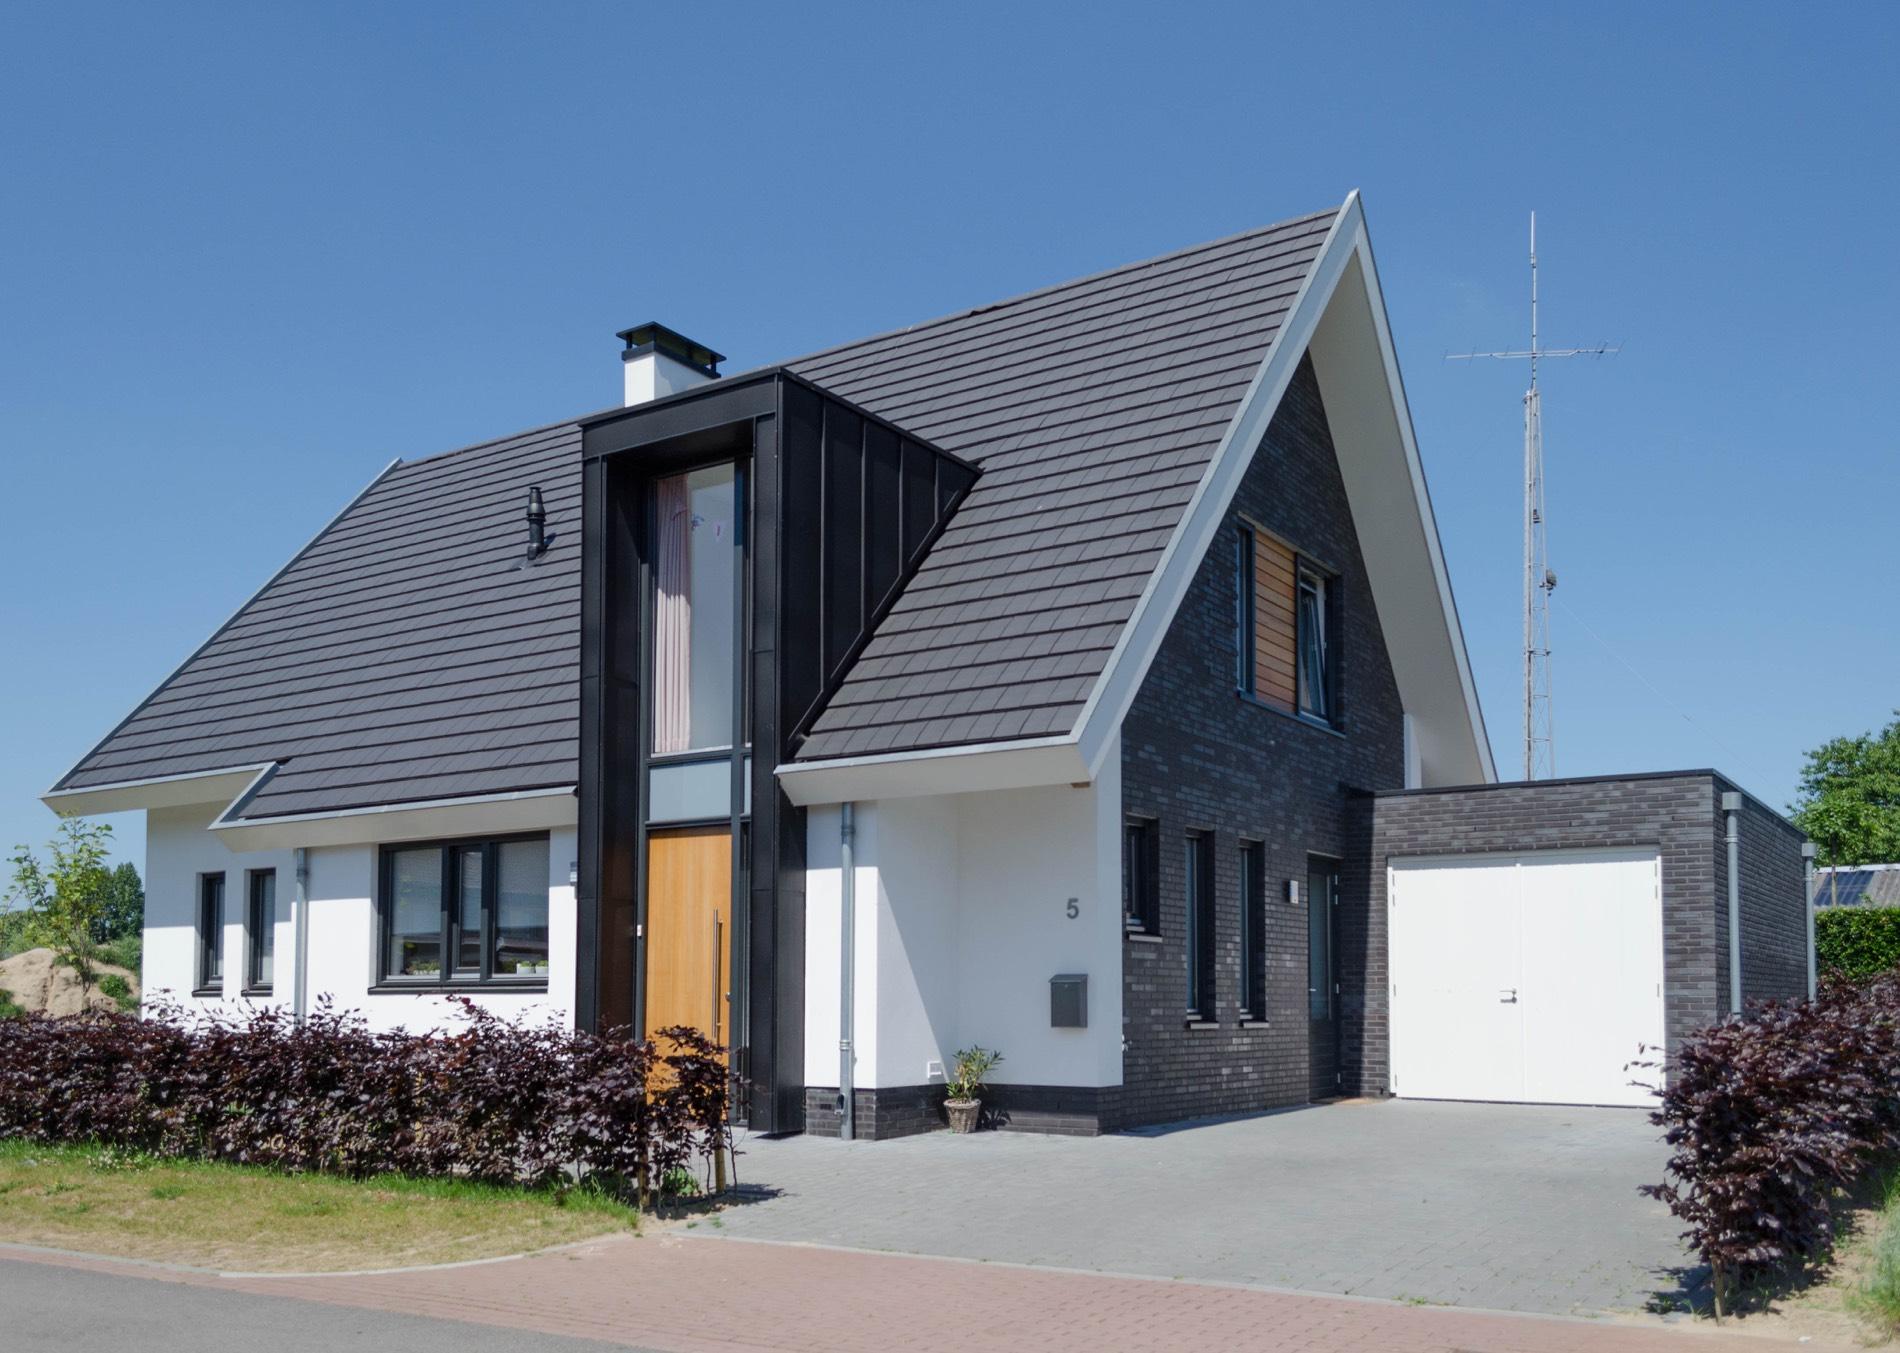 nieuwbouw woning modern stucwerk